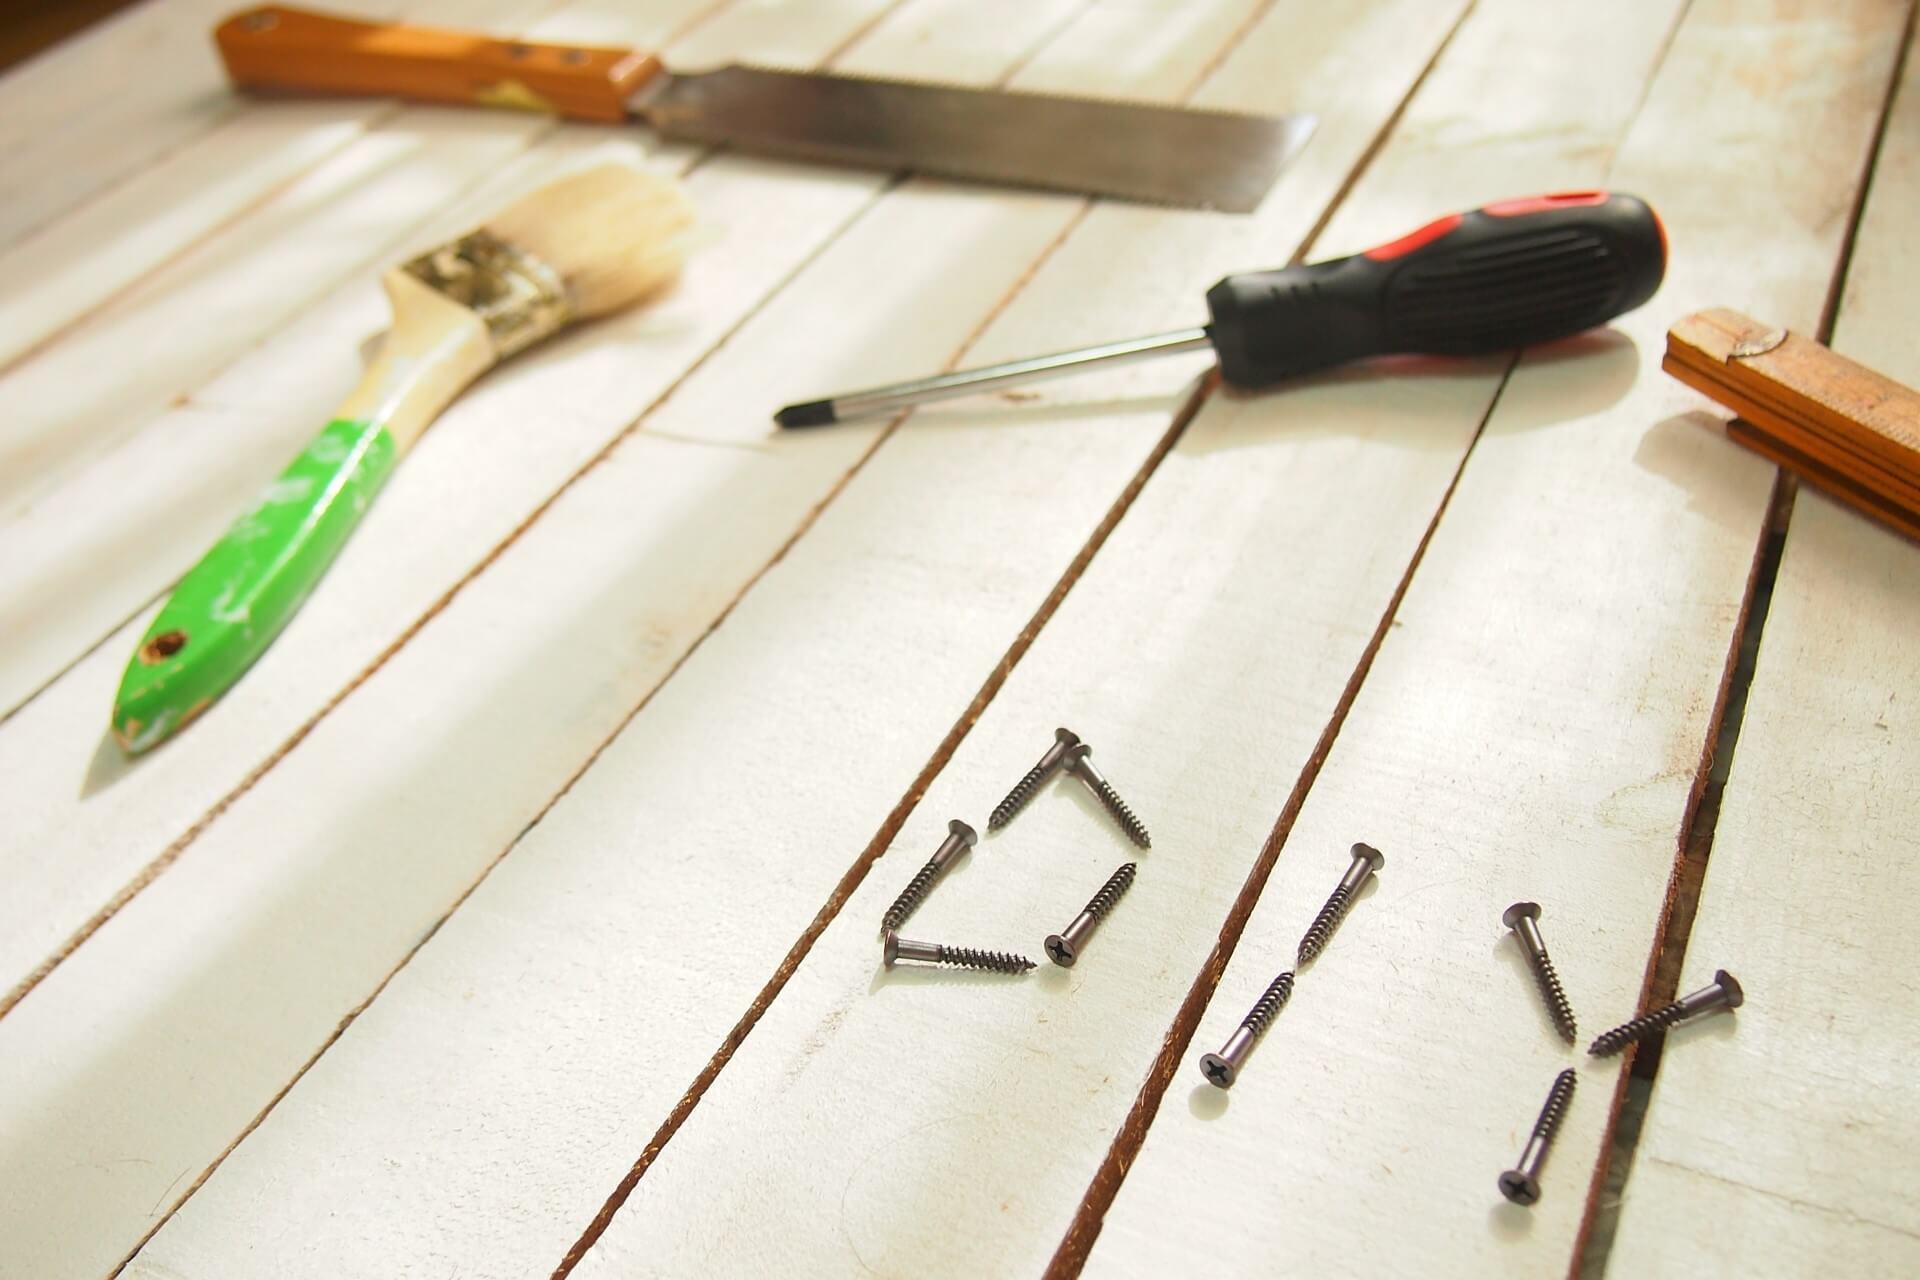 家具等による床の傷やへこみをDIYで修理することは可能か